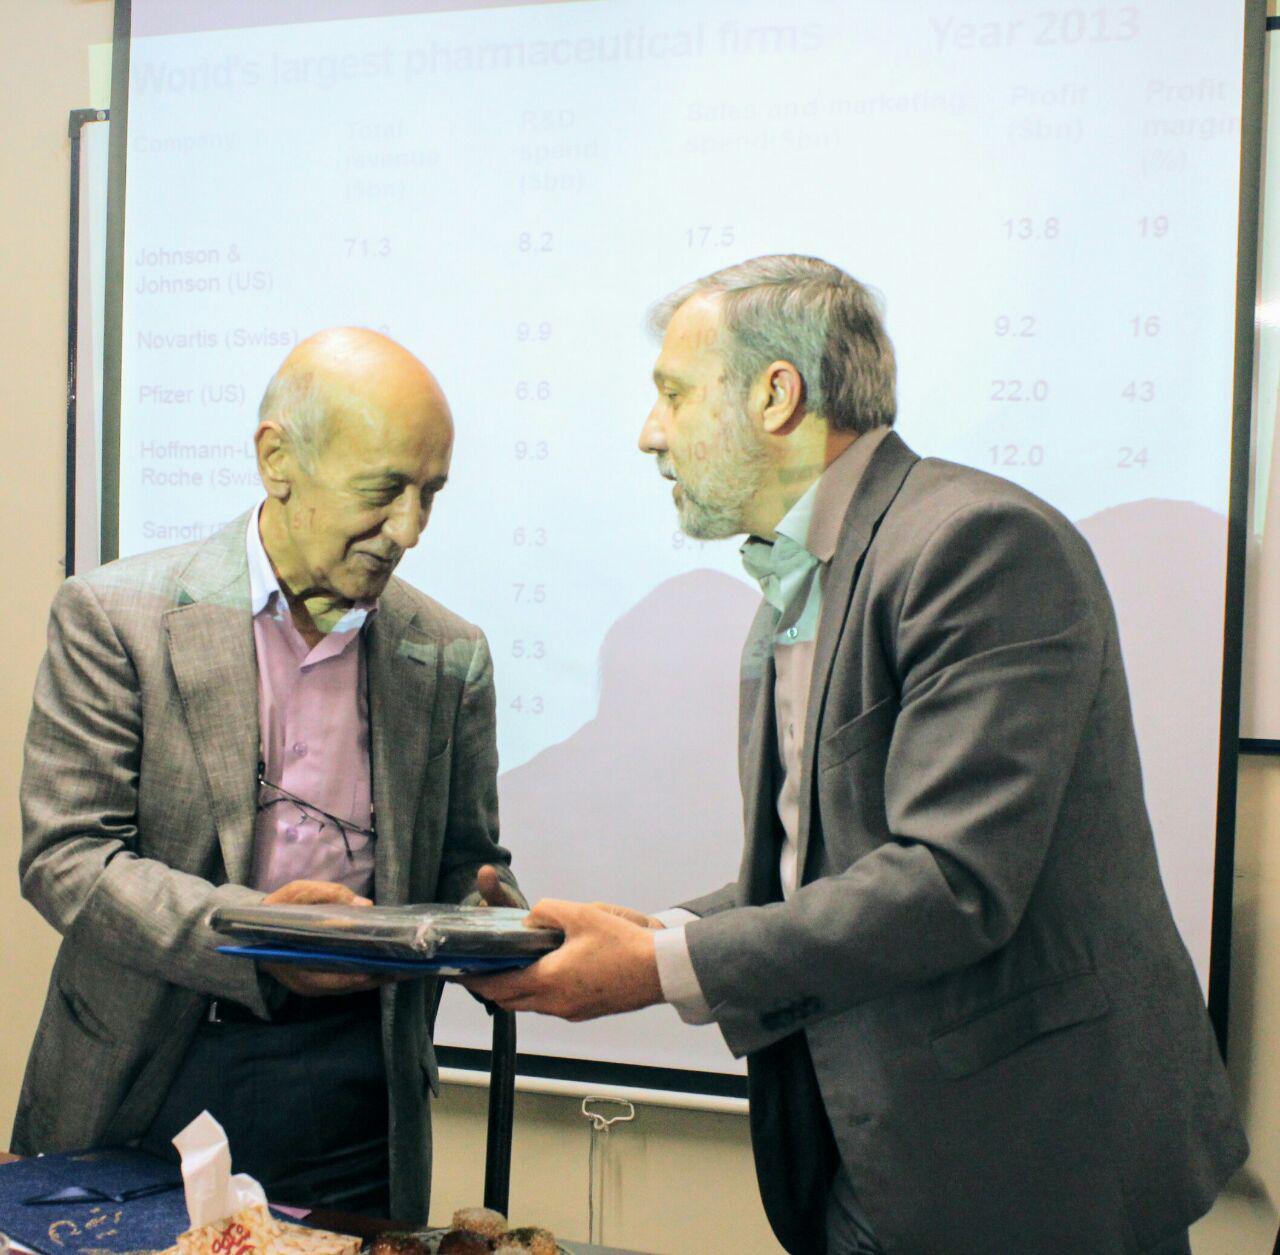 برگزاری نشست مسئوليت اجتماعي و سازمان هاي مردم نهاد در دفتر كرسي يونسكو